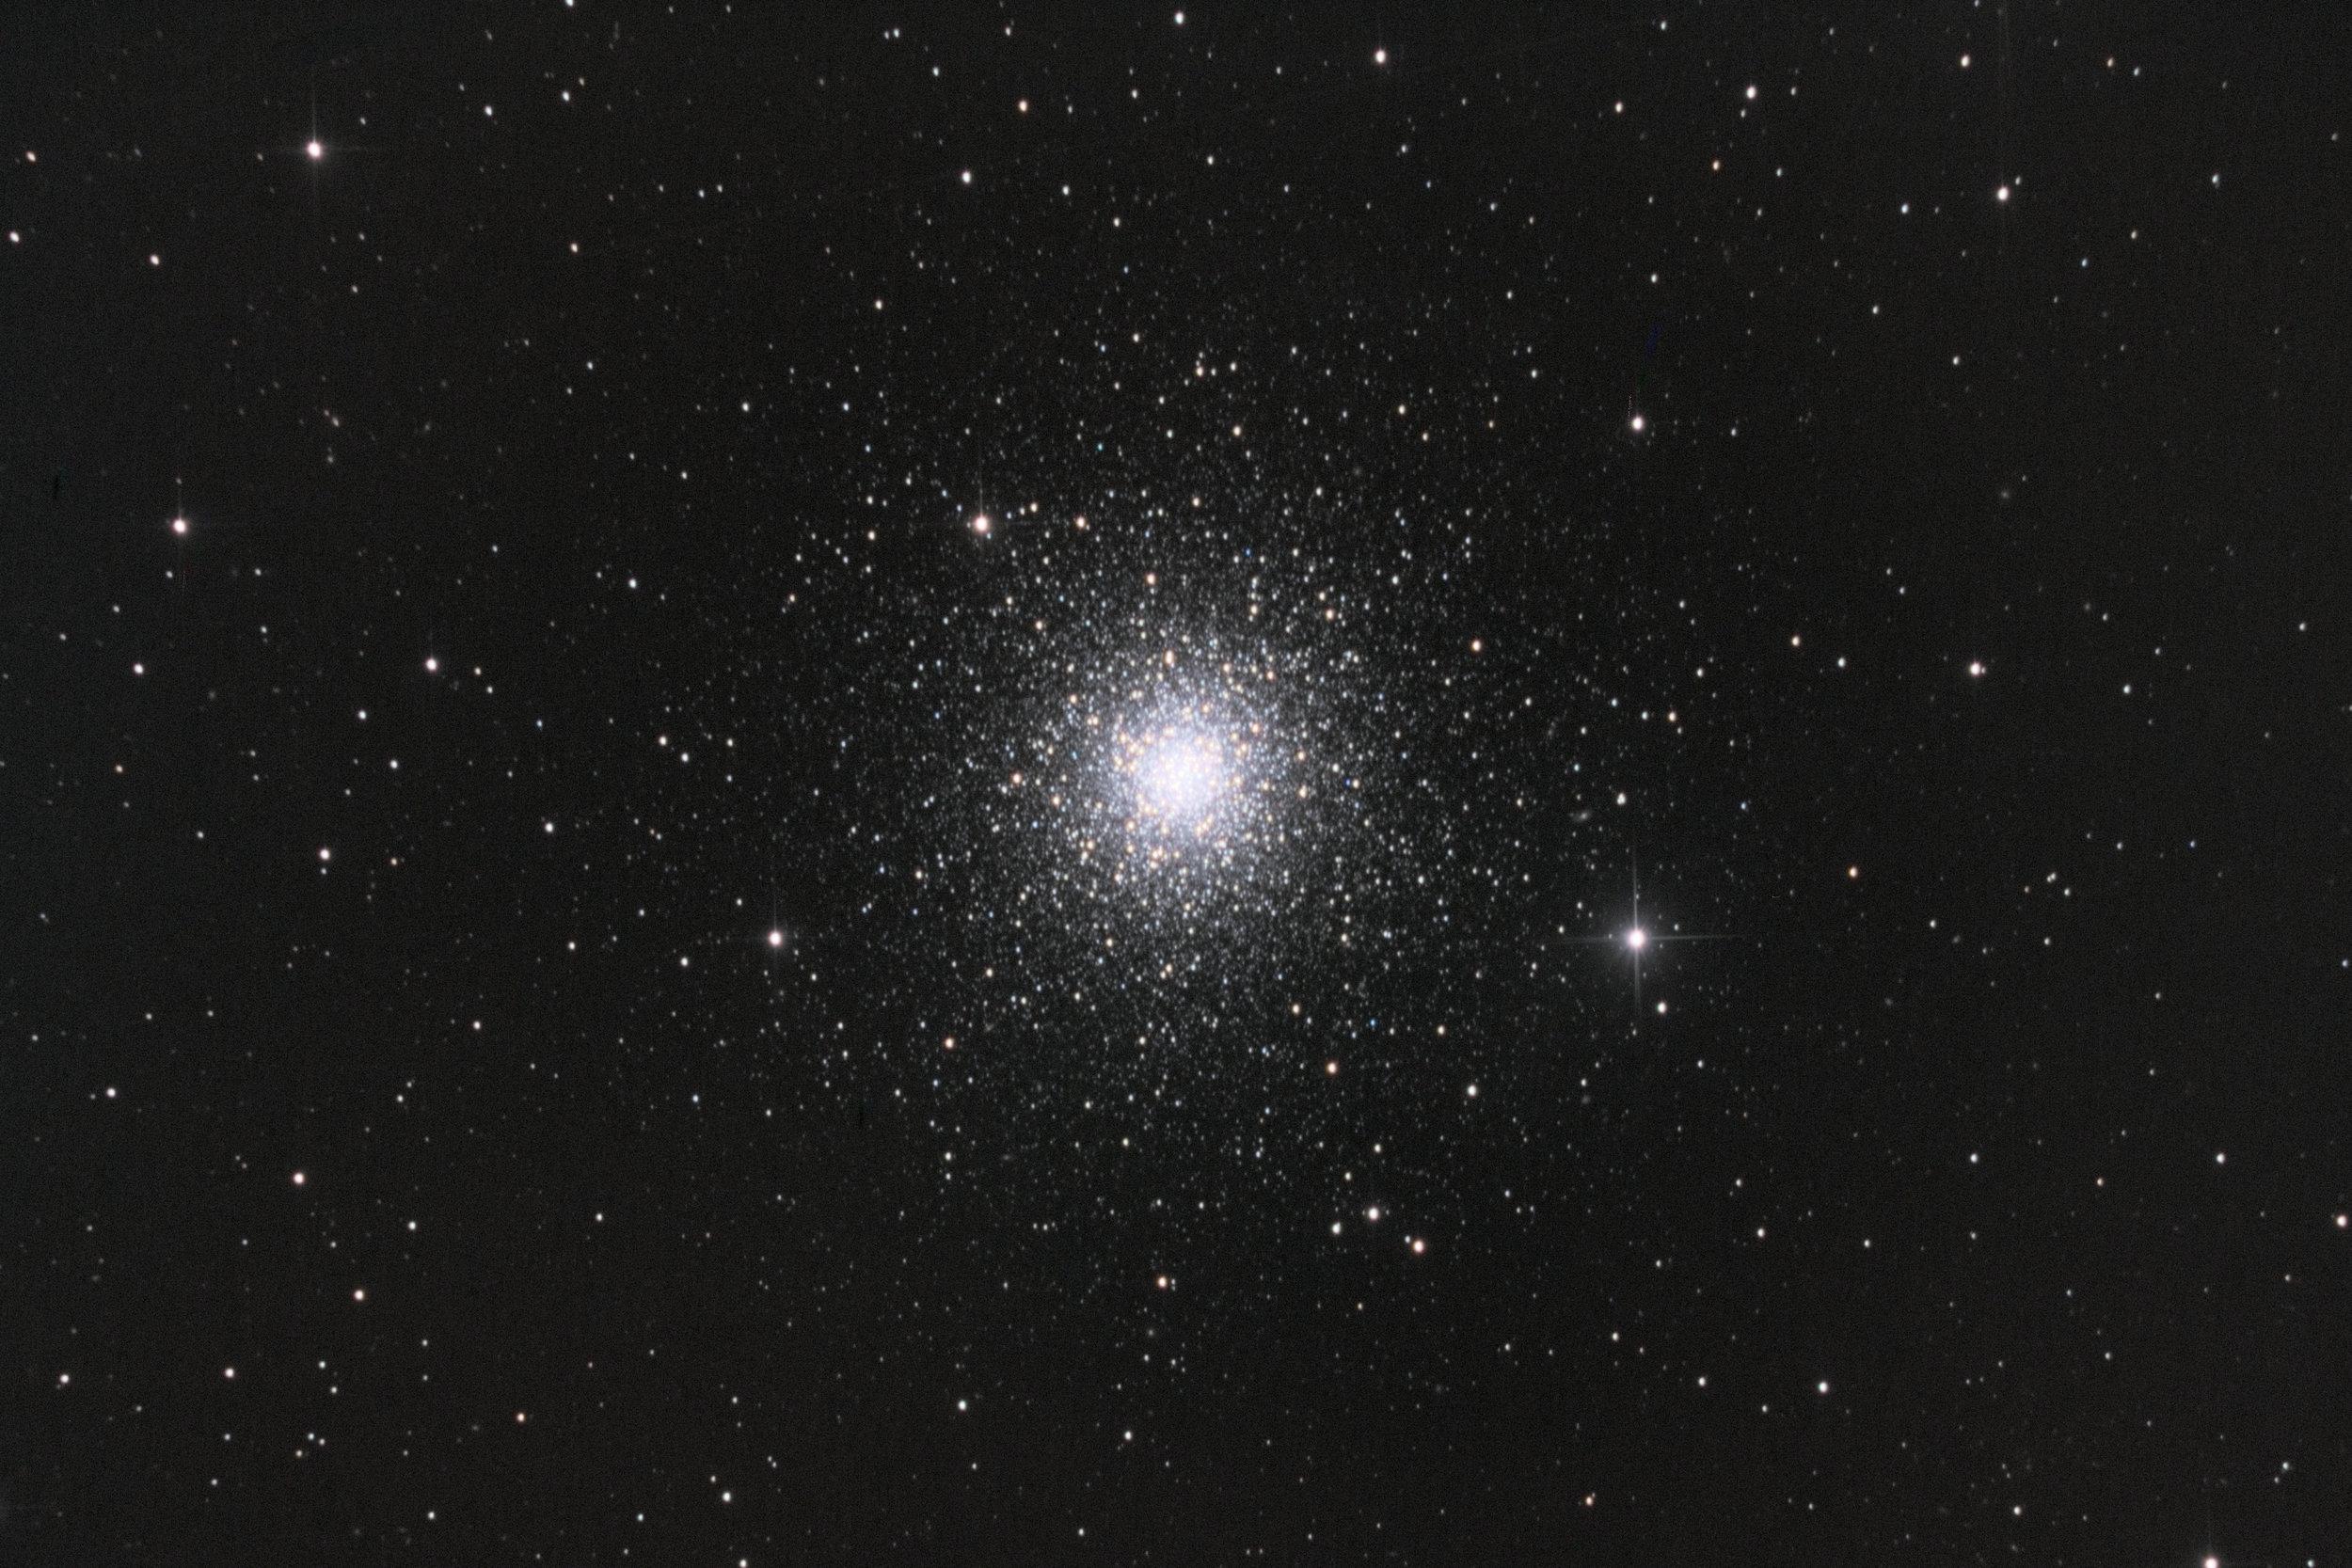 The one clear night in May - Die eine klare Nacht im Mai  globular Cluster M3 - Kugelsternhaufen M3